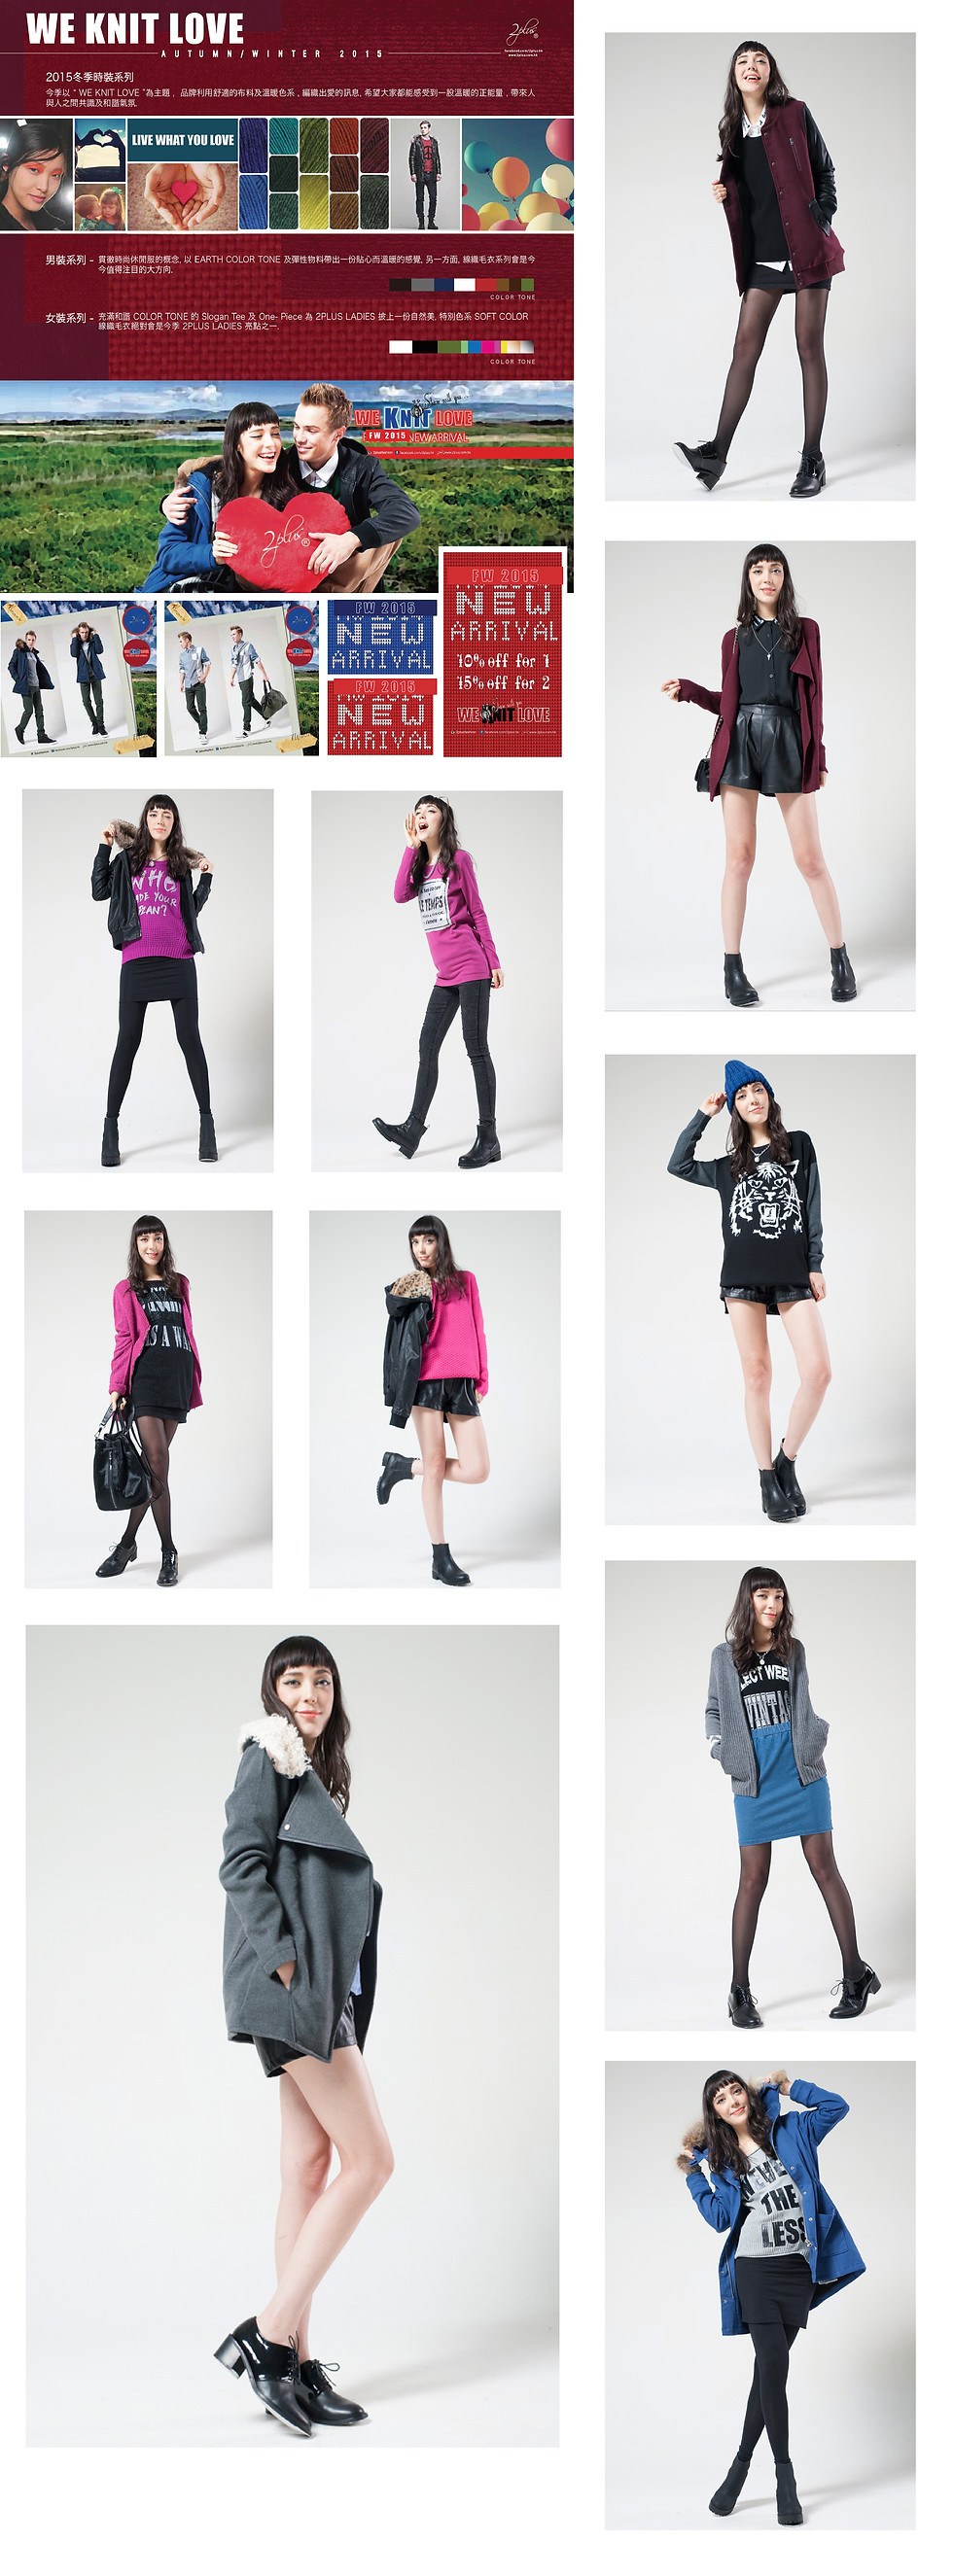 Sydney Sung Portfolio 1  - Fashion Desig